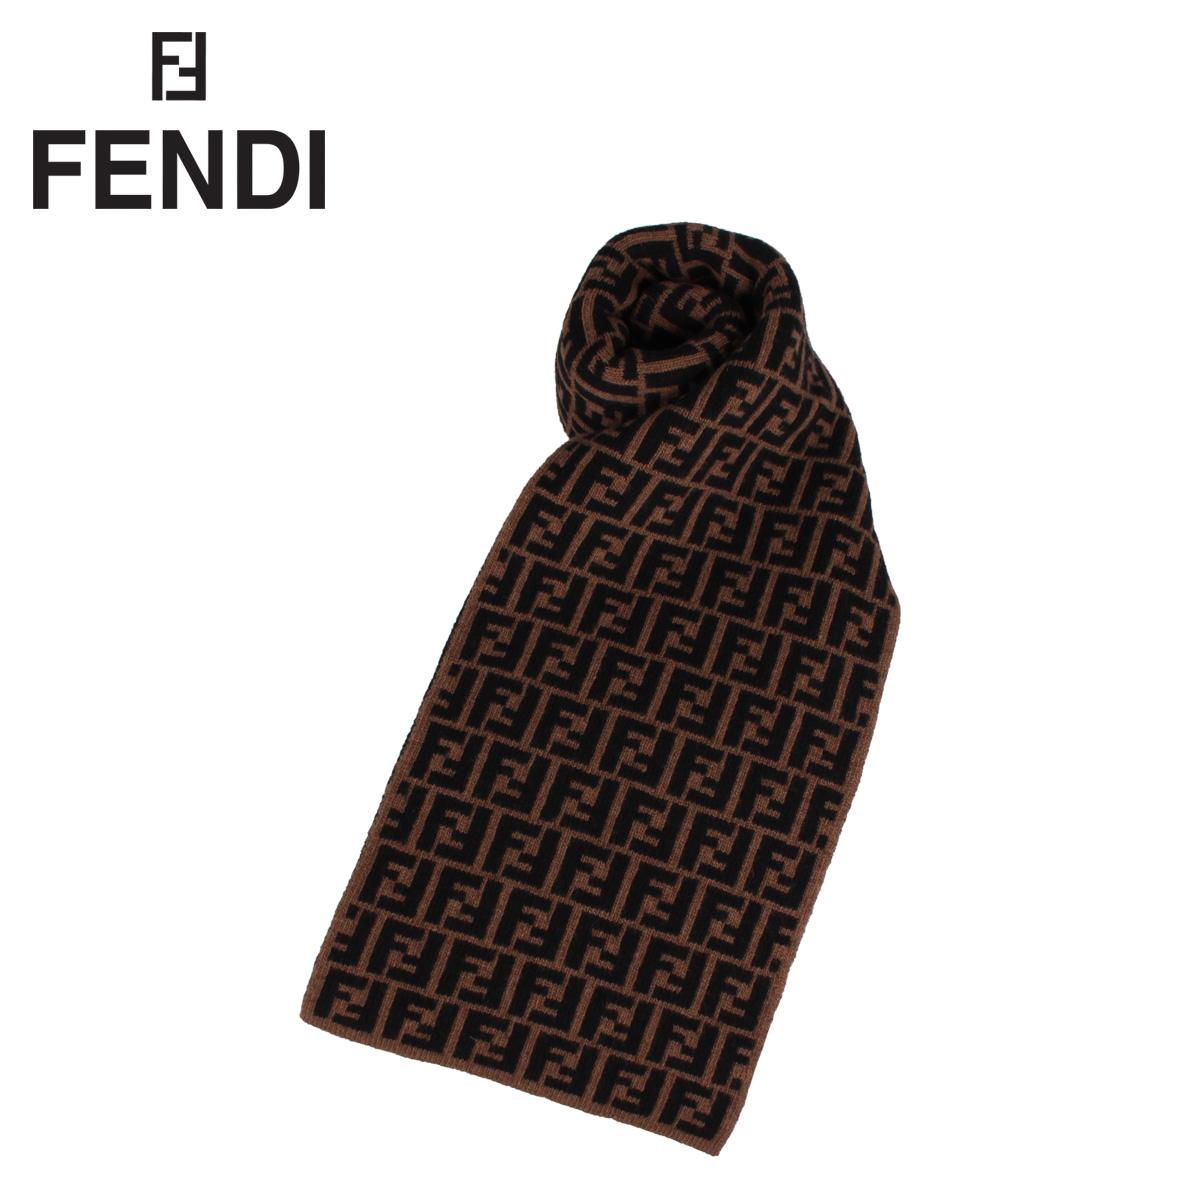 フェンディ FENDI マフラー スカーフ メンズ レディース イタリア製 ウール MUFFLER ブラウン FXS346A40J [9月 新入荷]